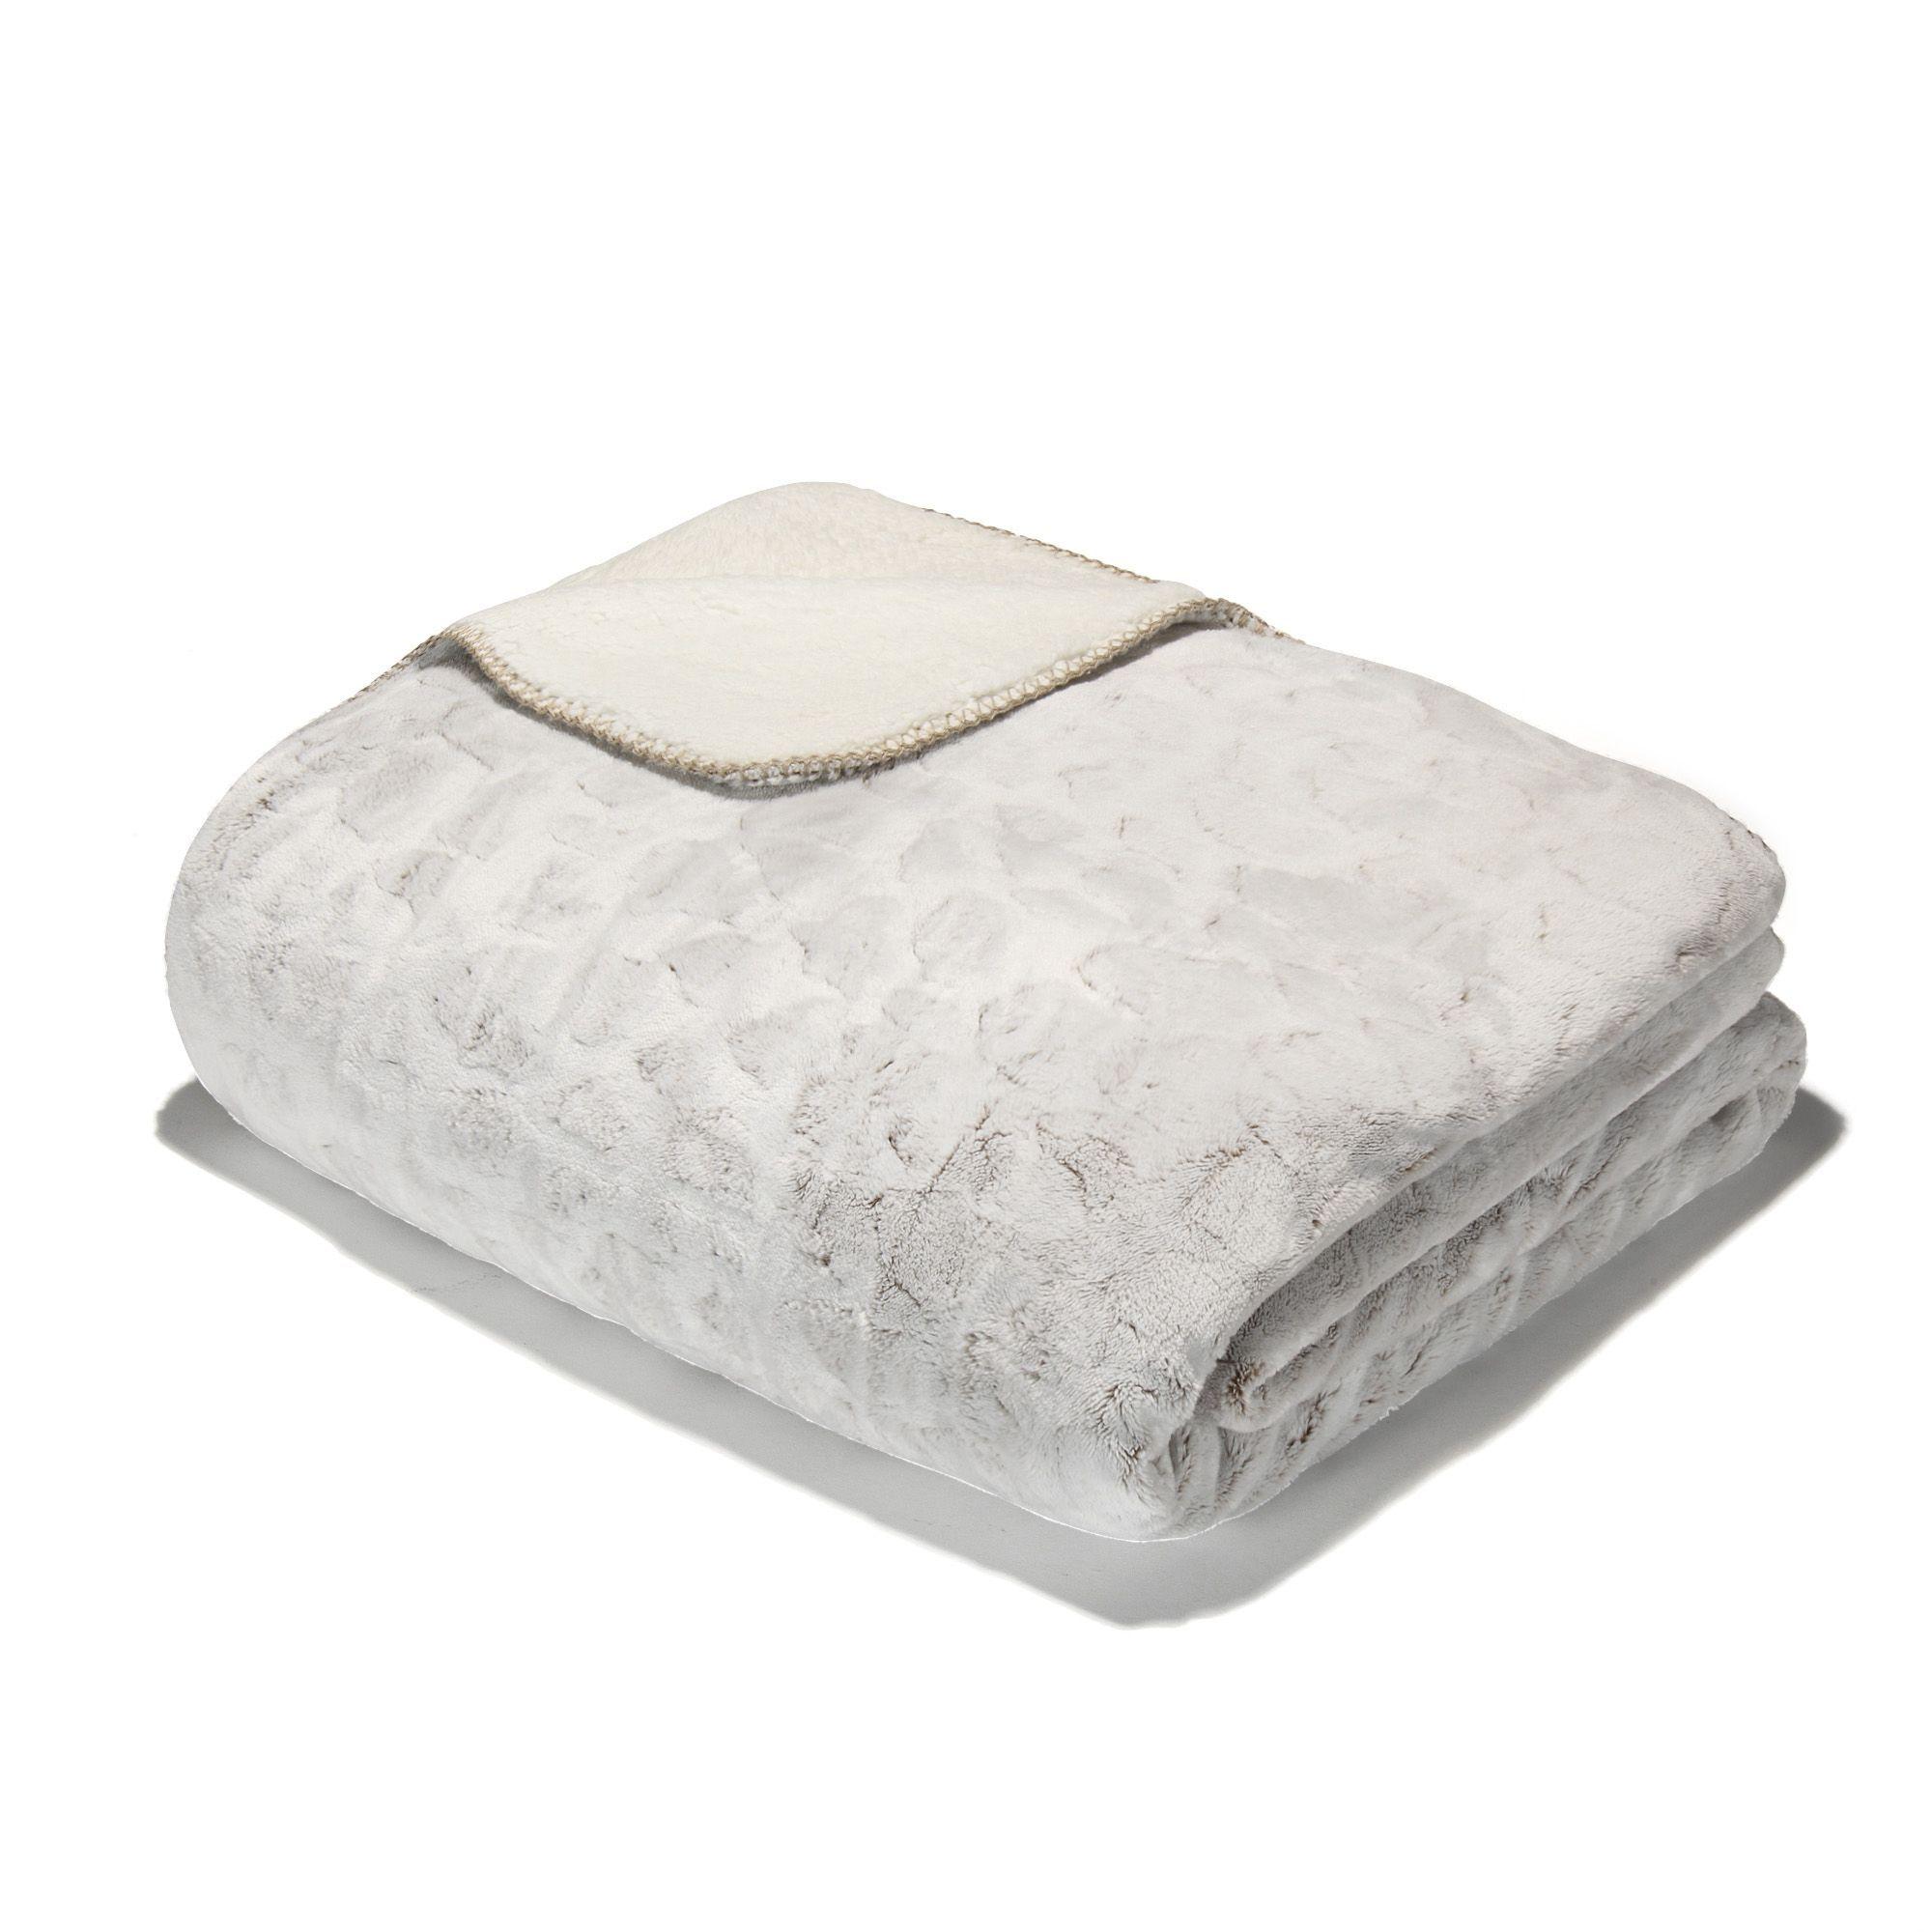 couvre lit plaid 180x230cm marron sofy les couvre lits et jets - Couvre Lit Alinea